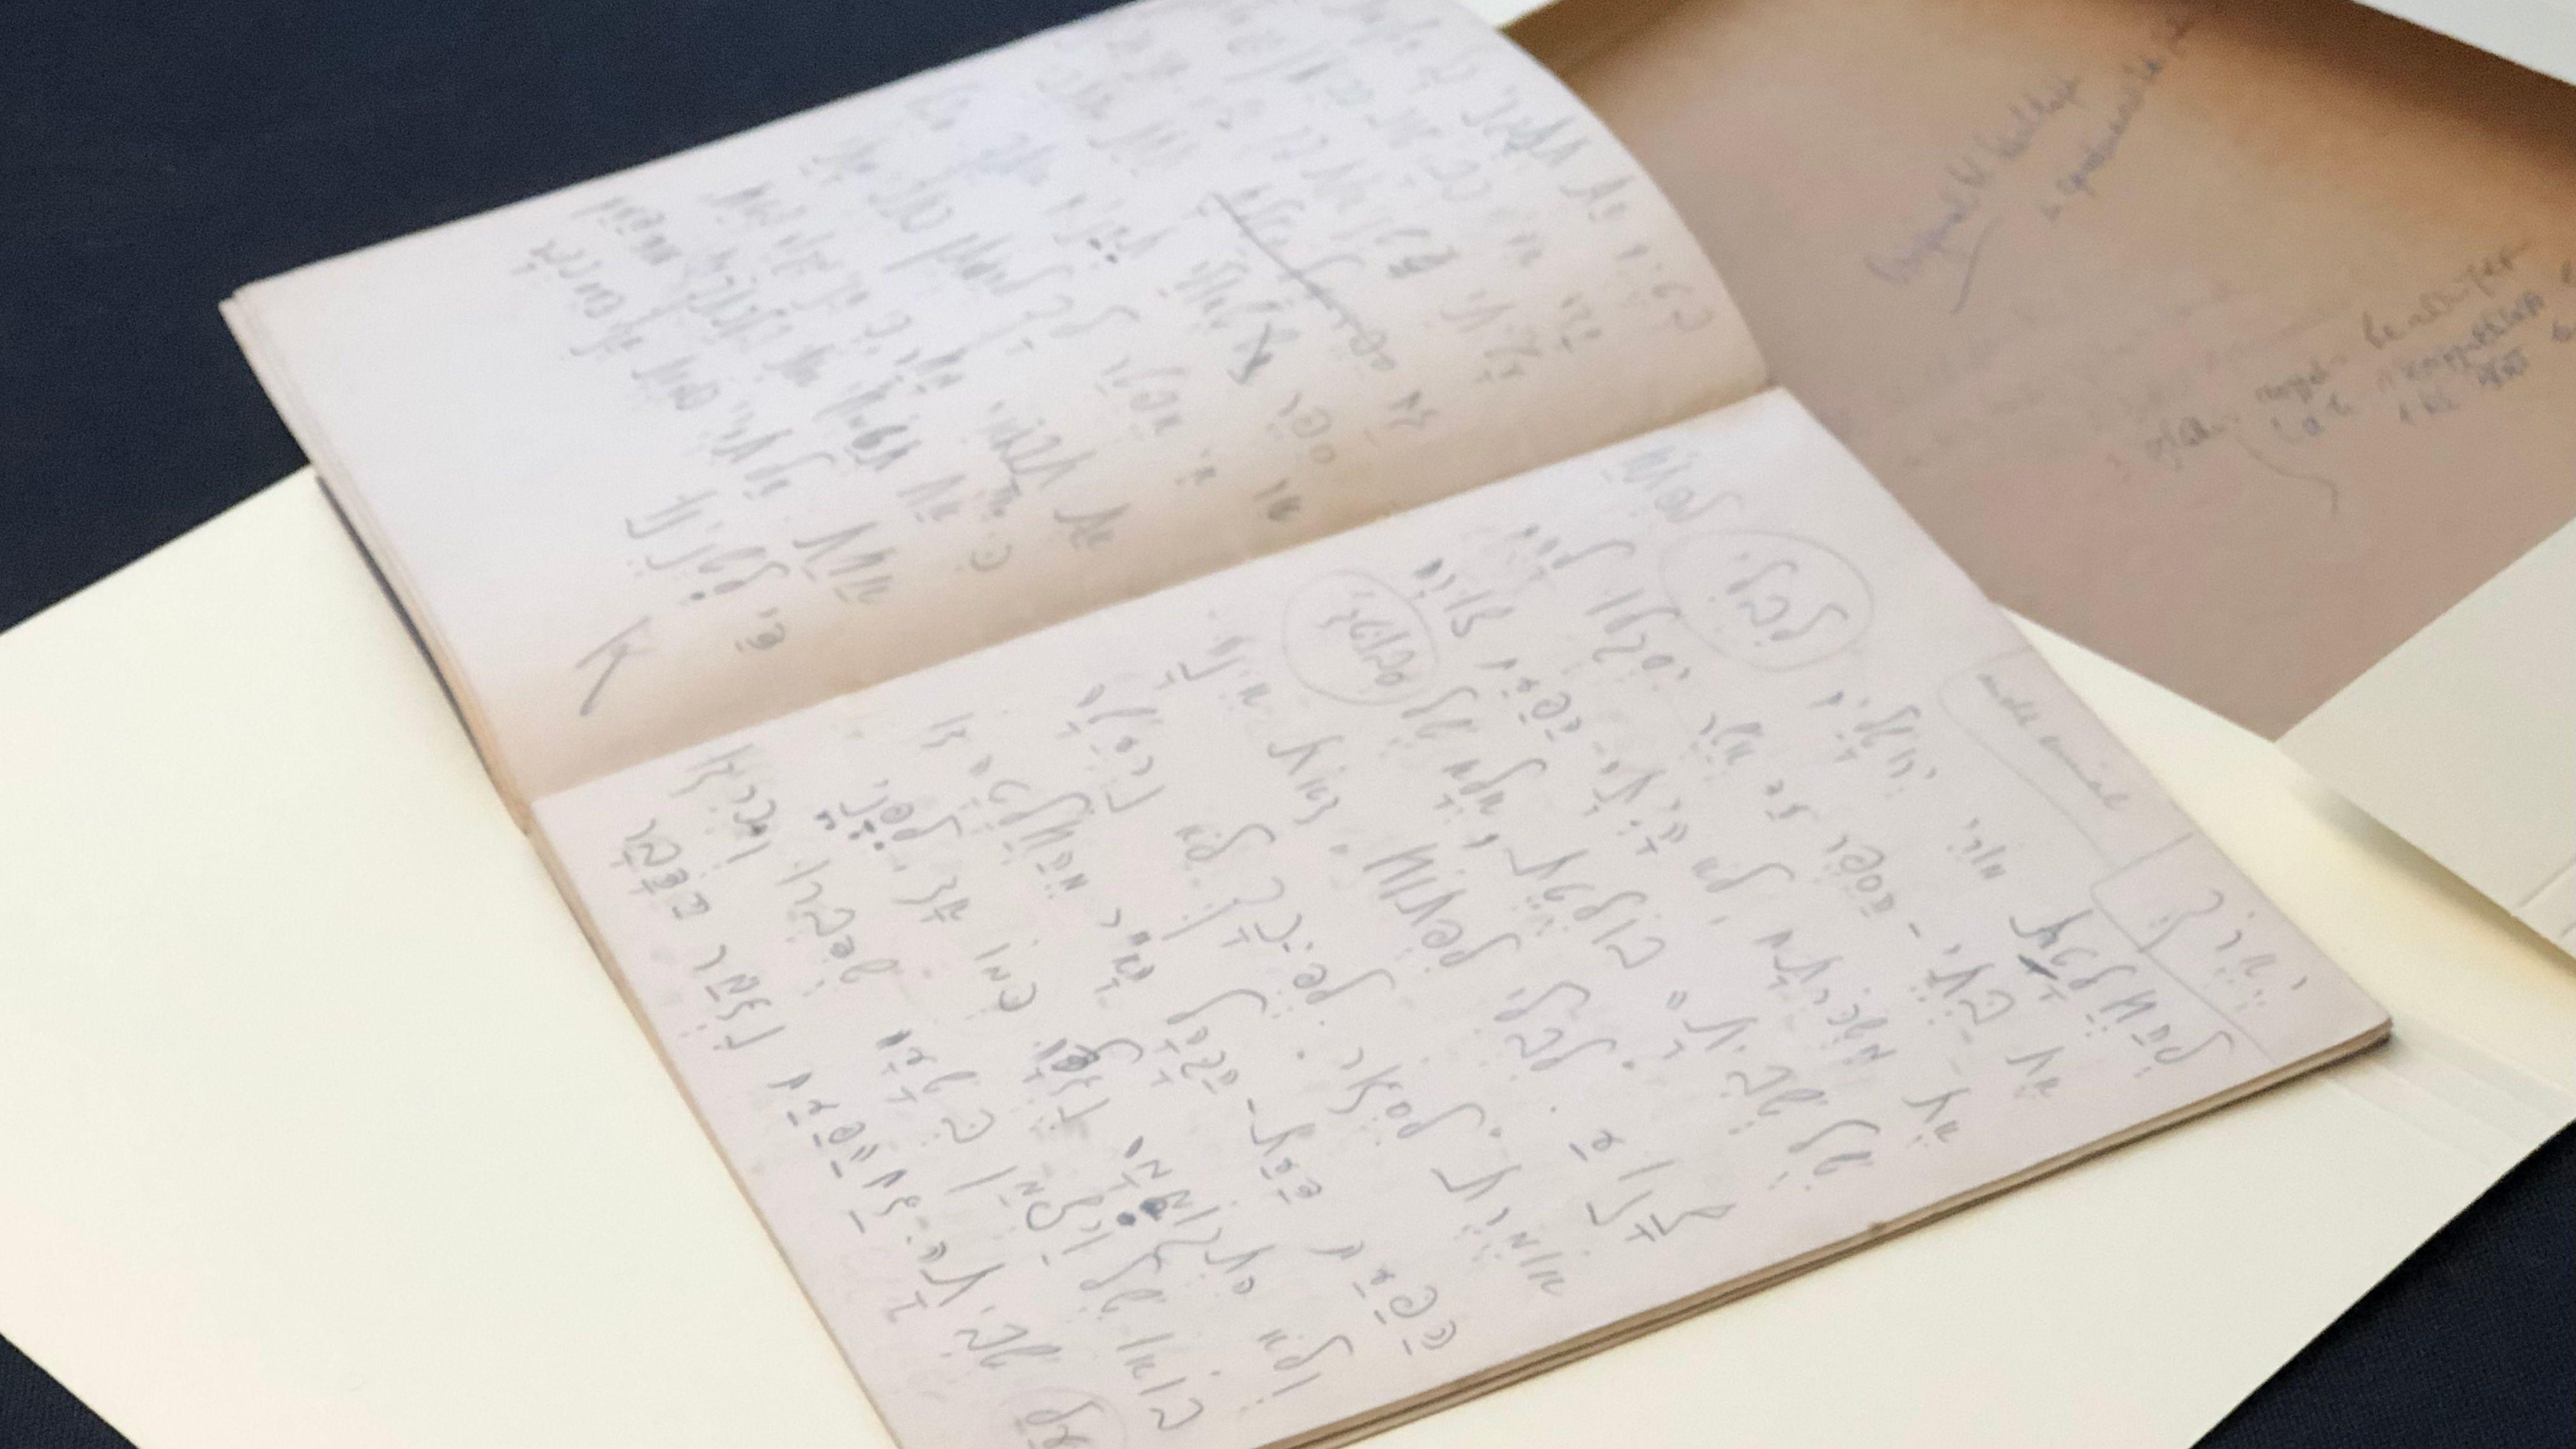 Ein aufgeschlagenes Notizbuch mit handschriftlichen Hebräisch-Übungen Kafkas